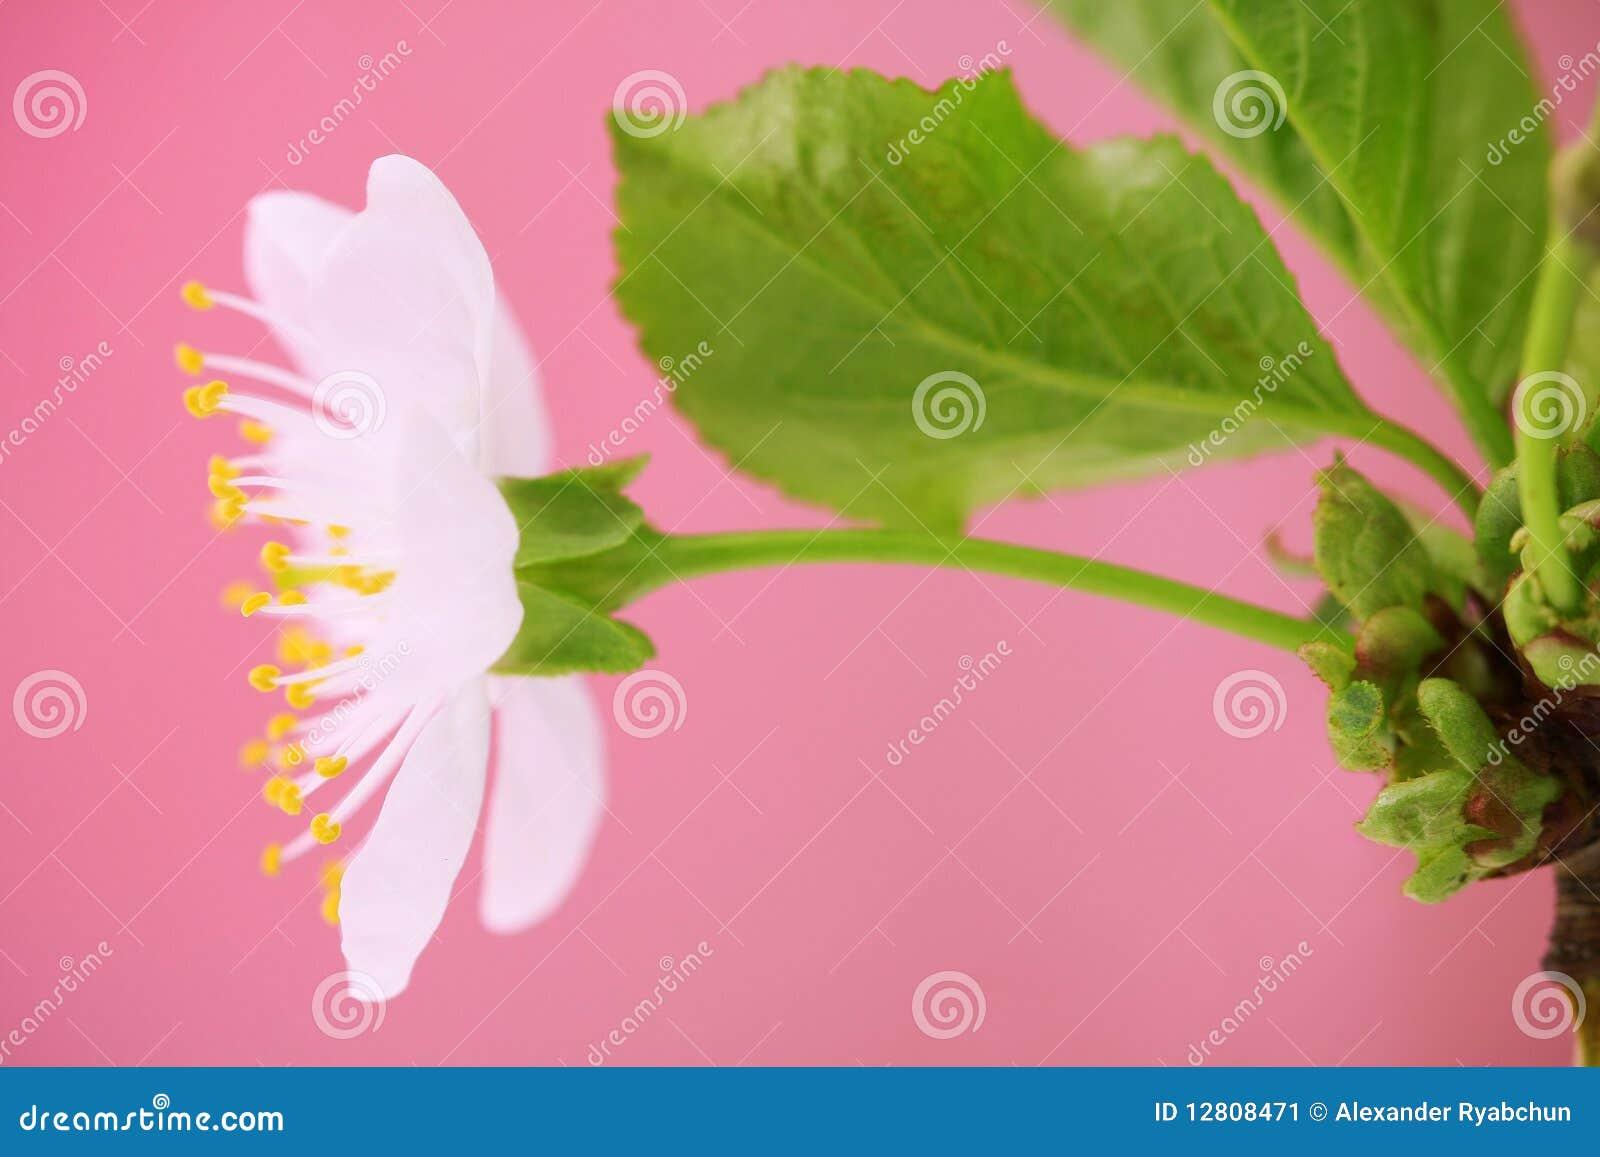 Close-up da flor de cereja